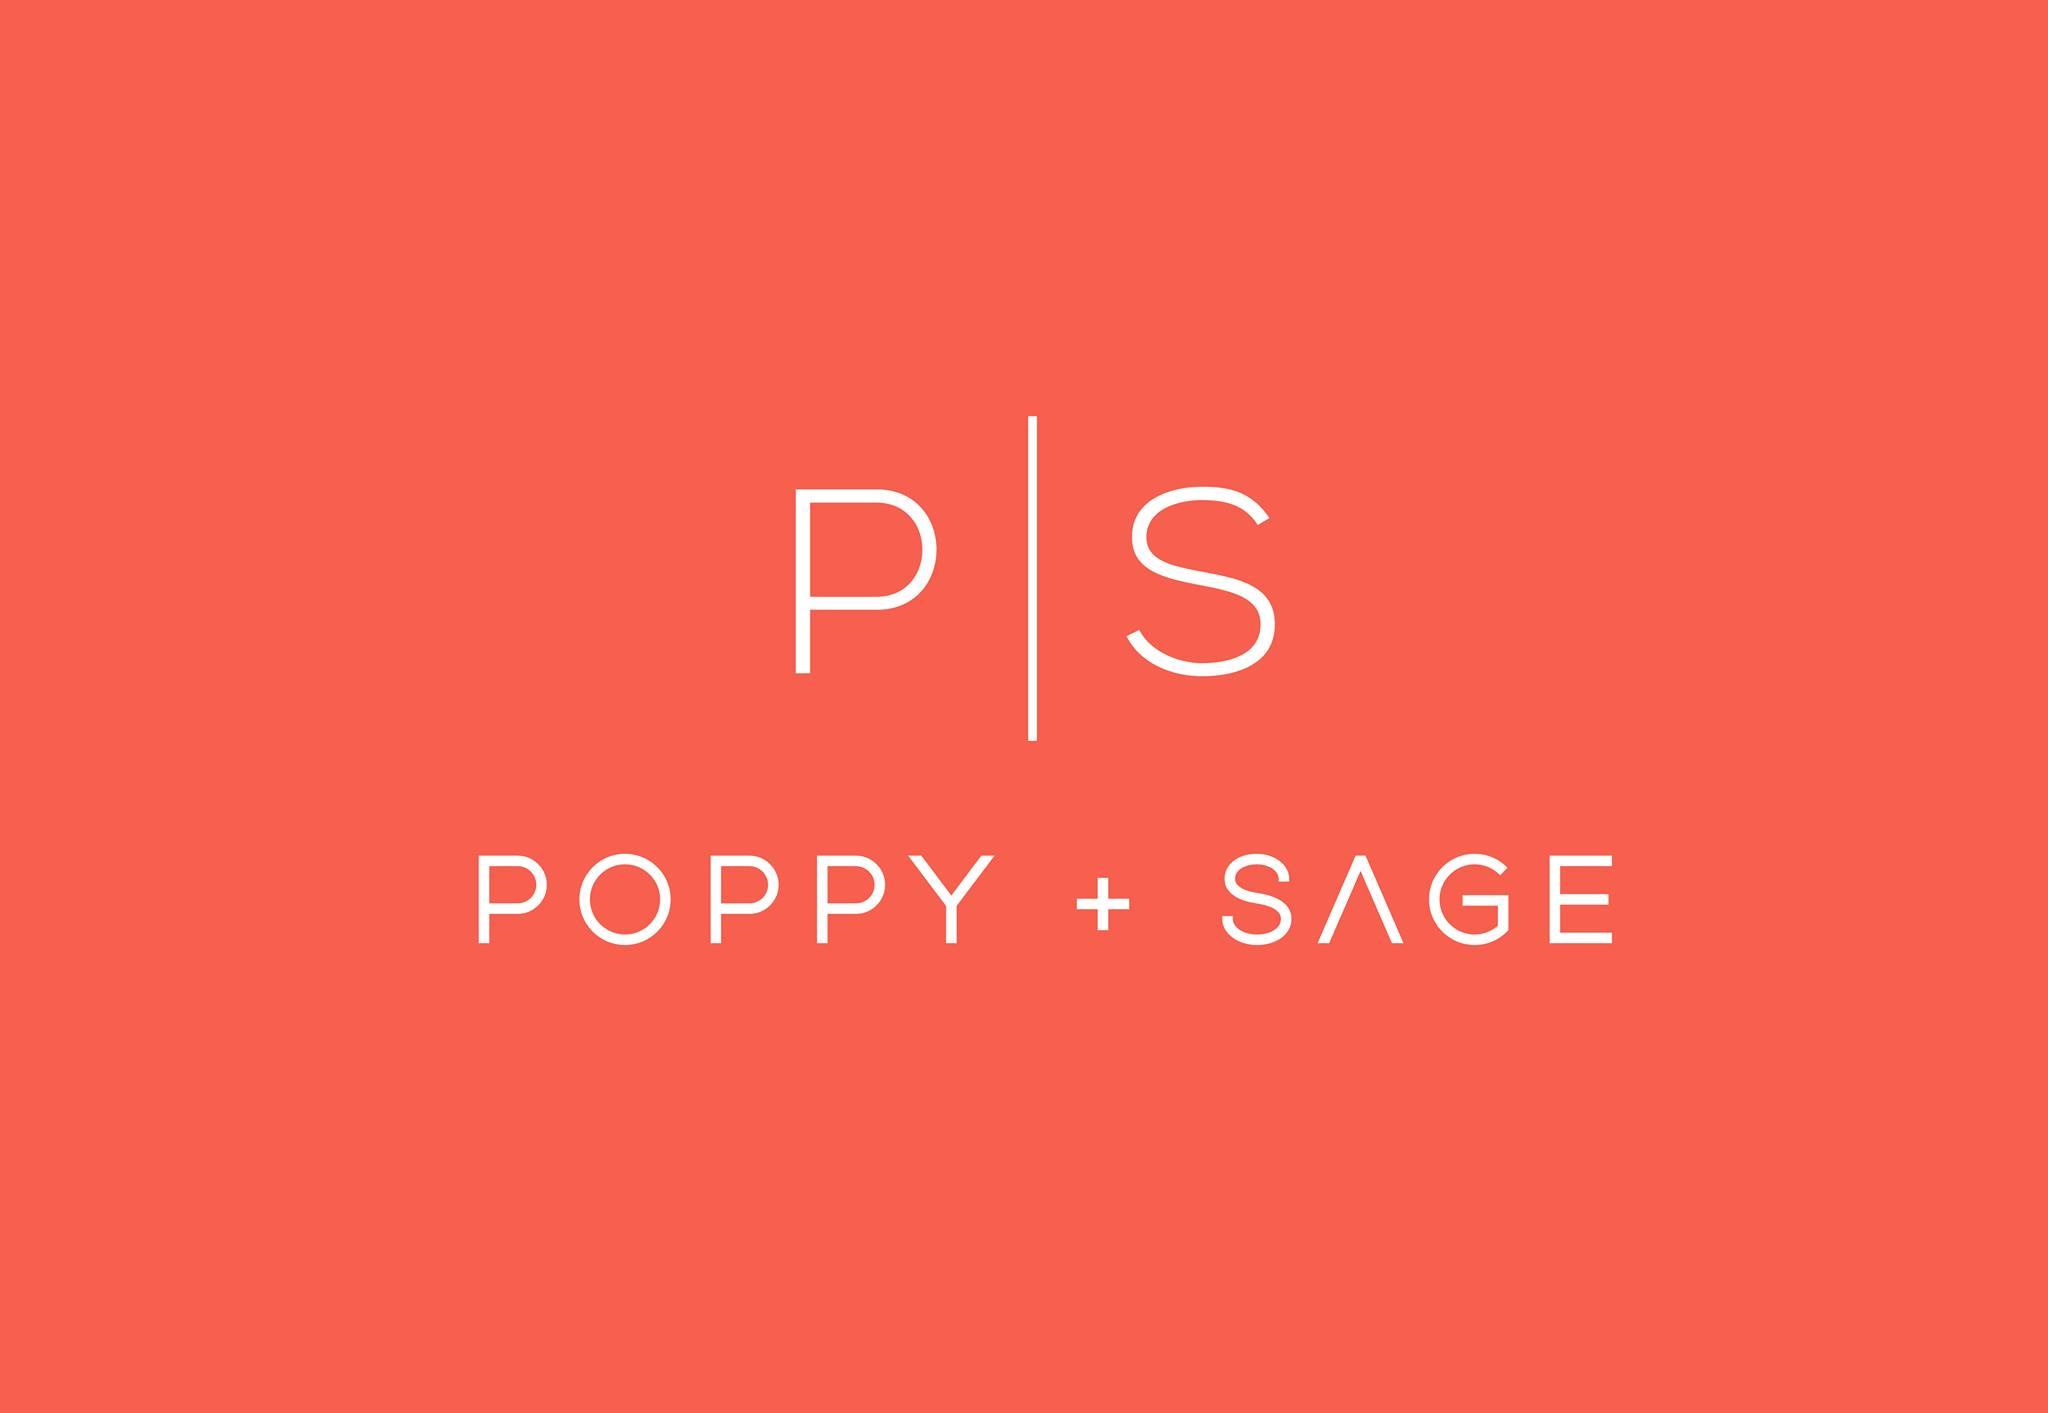 Poppy + Sage